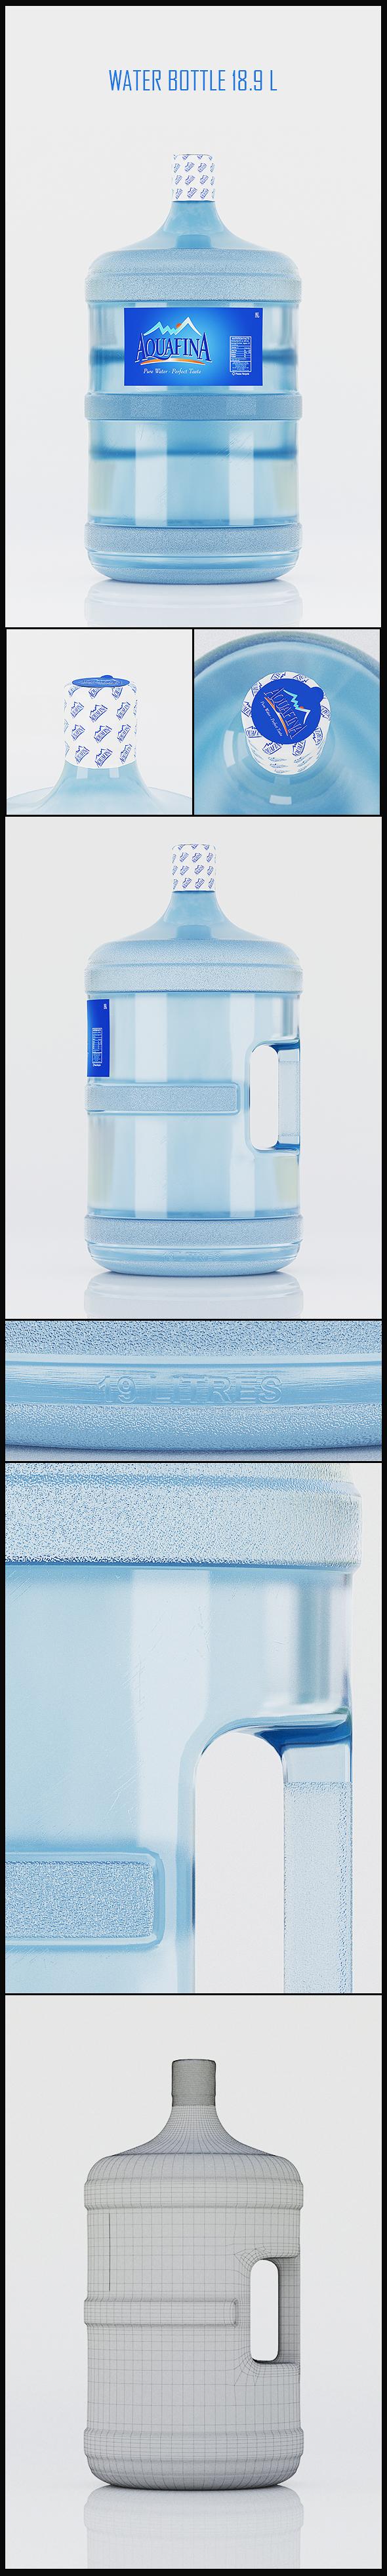 18.9 LITTRE WATER BOTTLE - 3DOcean Item for Sale